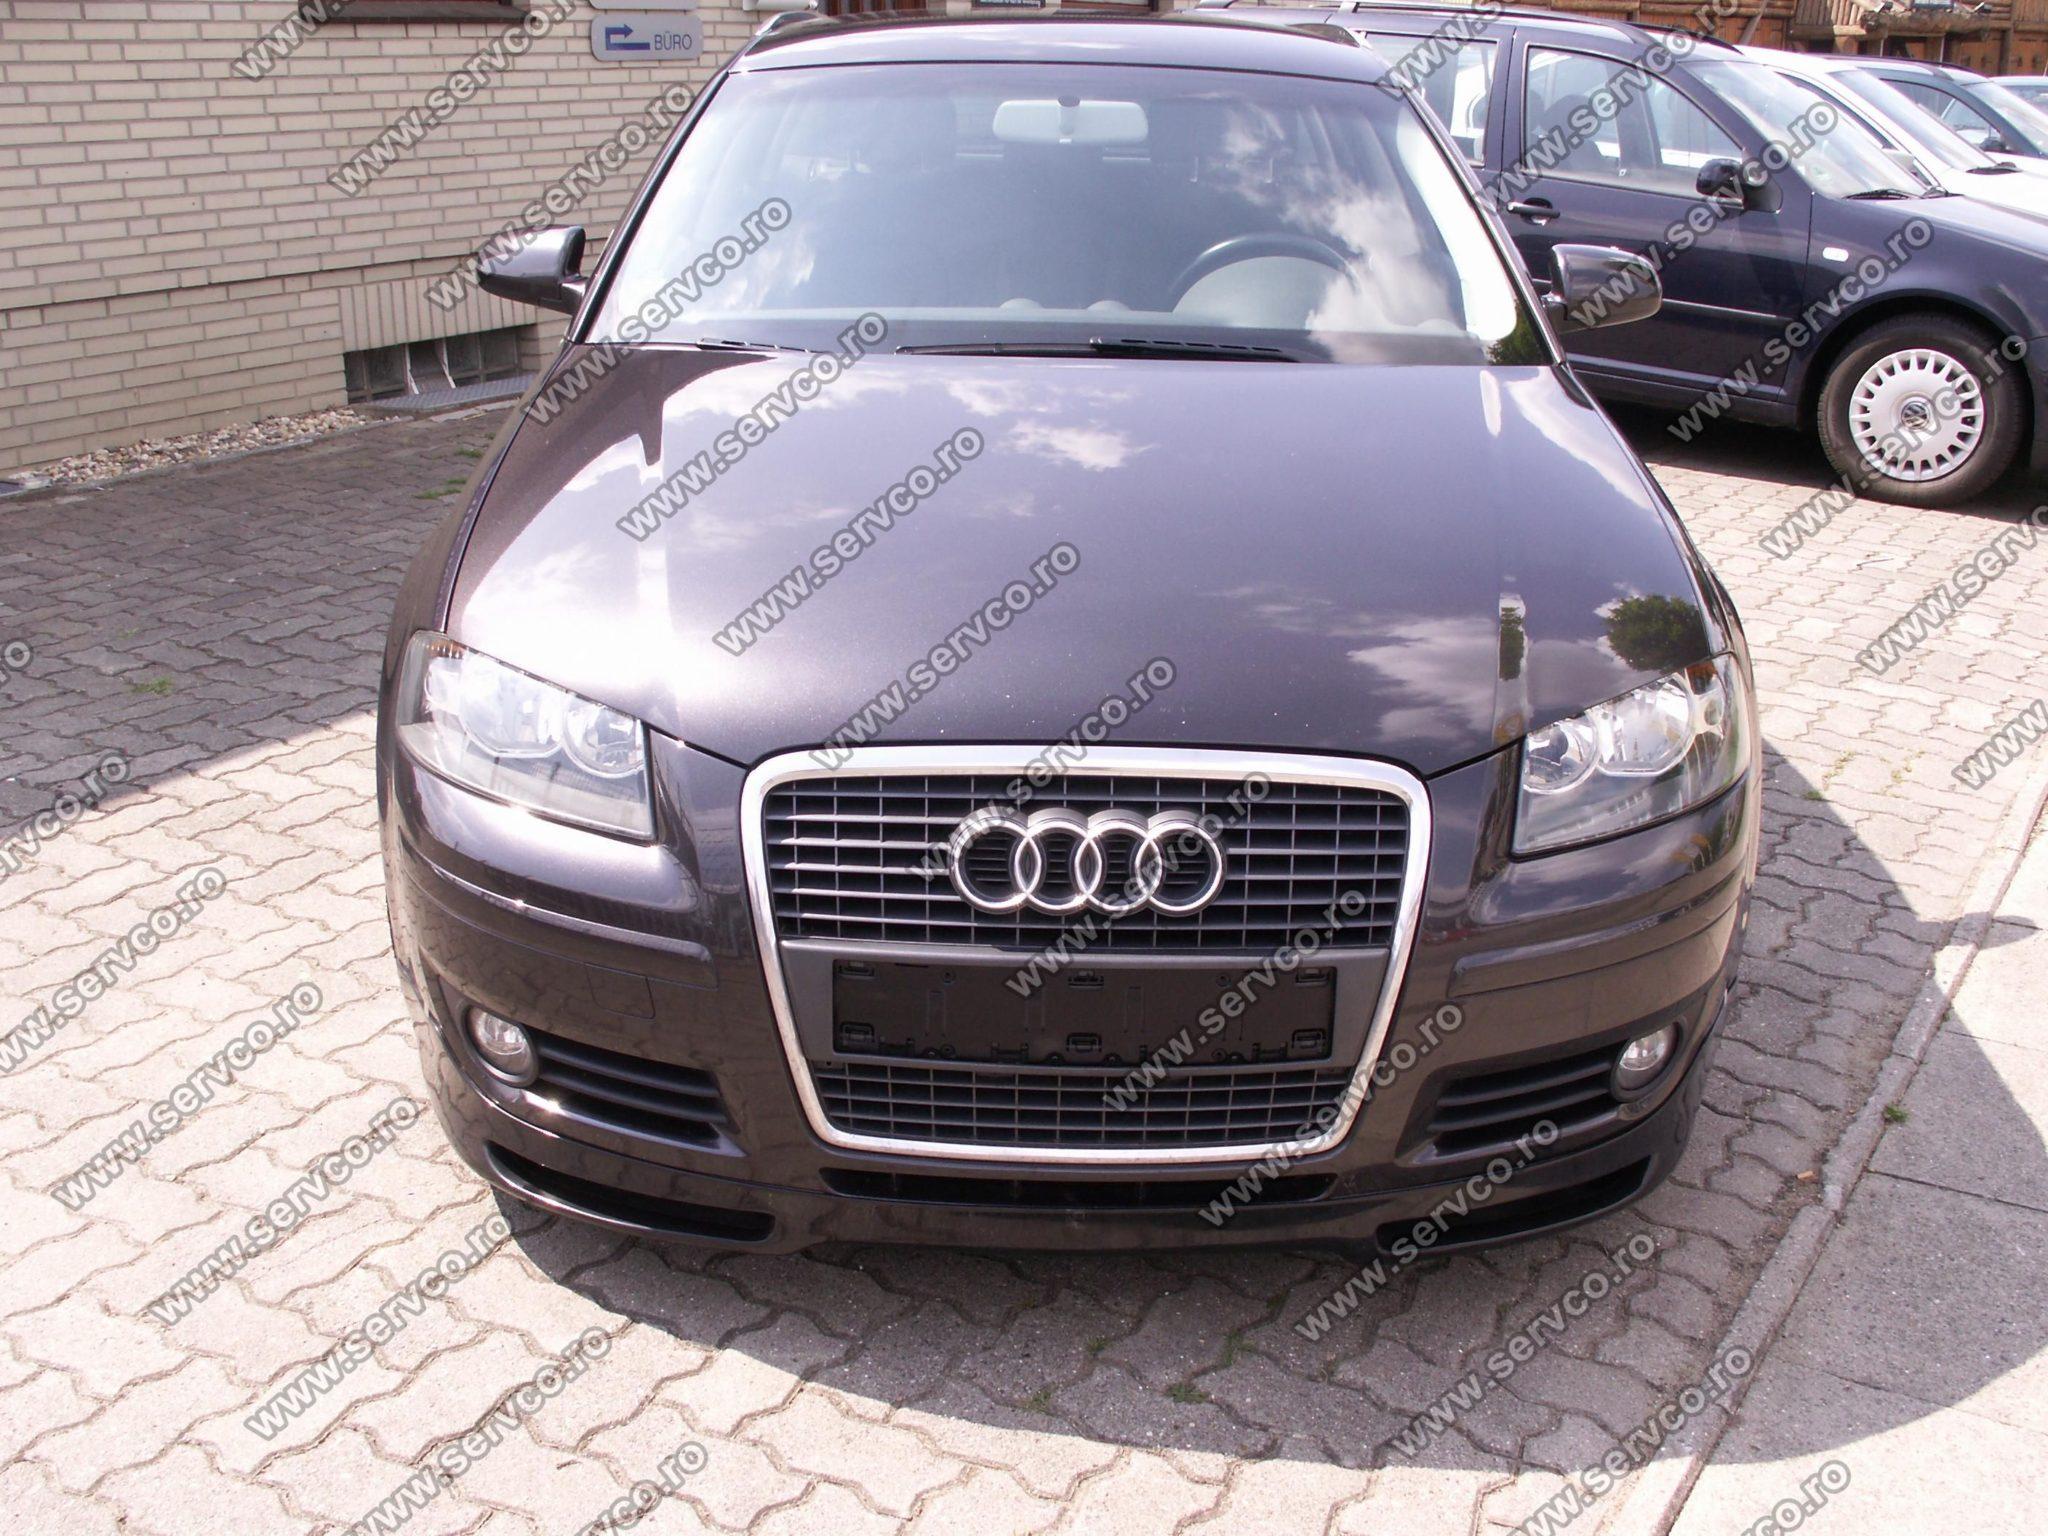 Prelungire tuning sport spoiler bara fata Audi A3 8P Coupe Votex 2005-2008 ver2